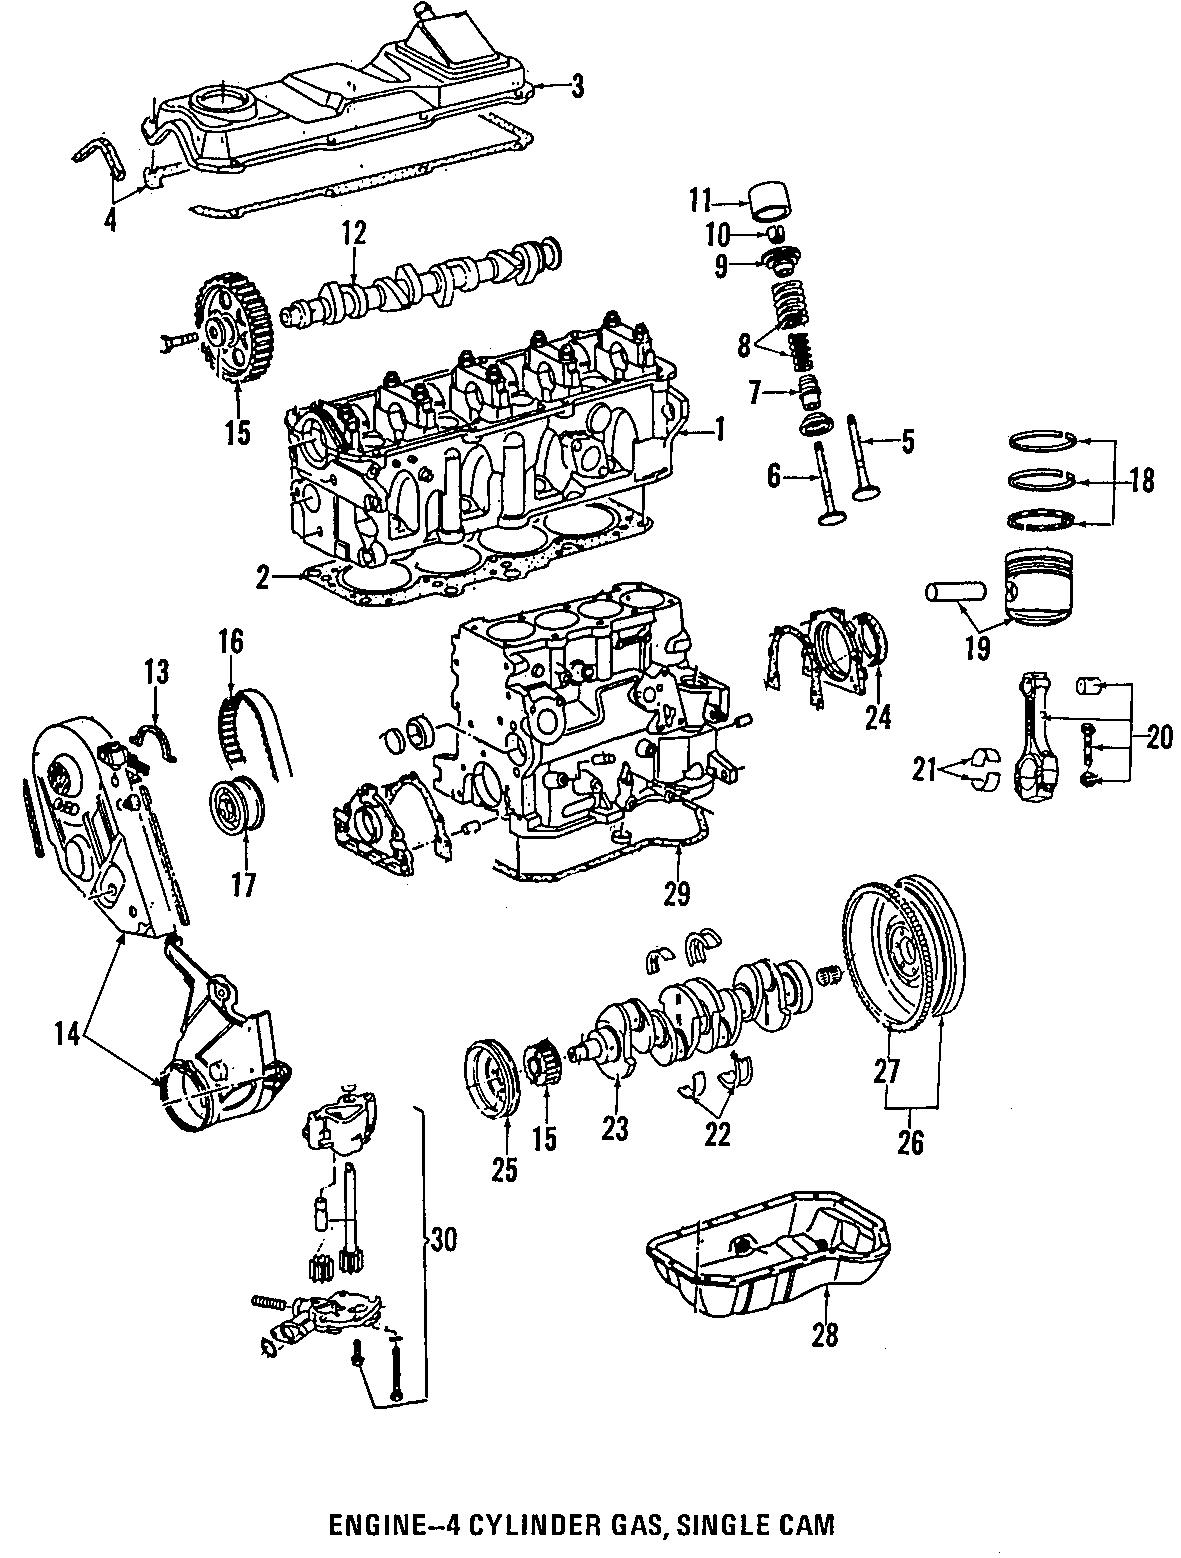 Volkswagen Beetle Engine Crankshaft Main Bearing